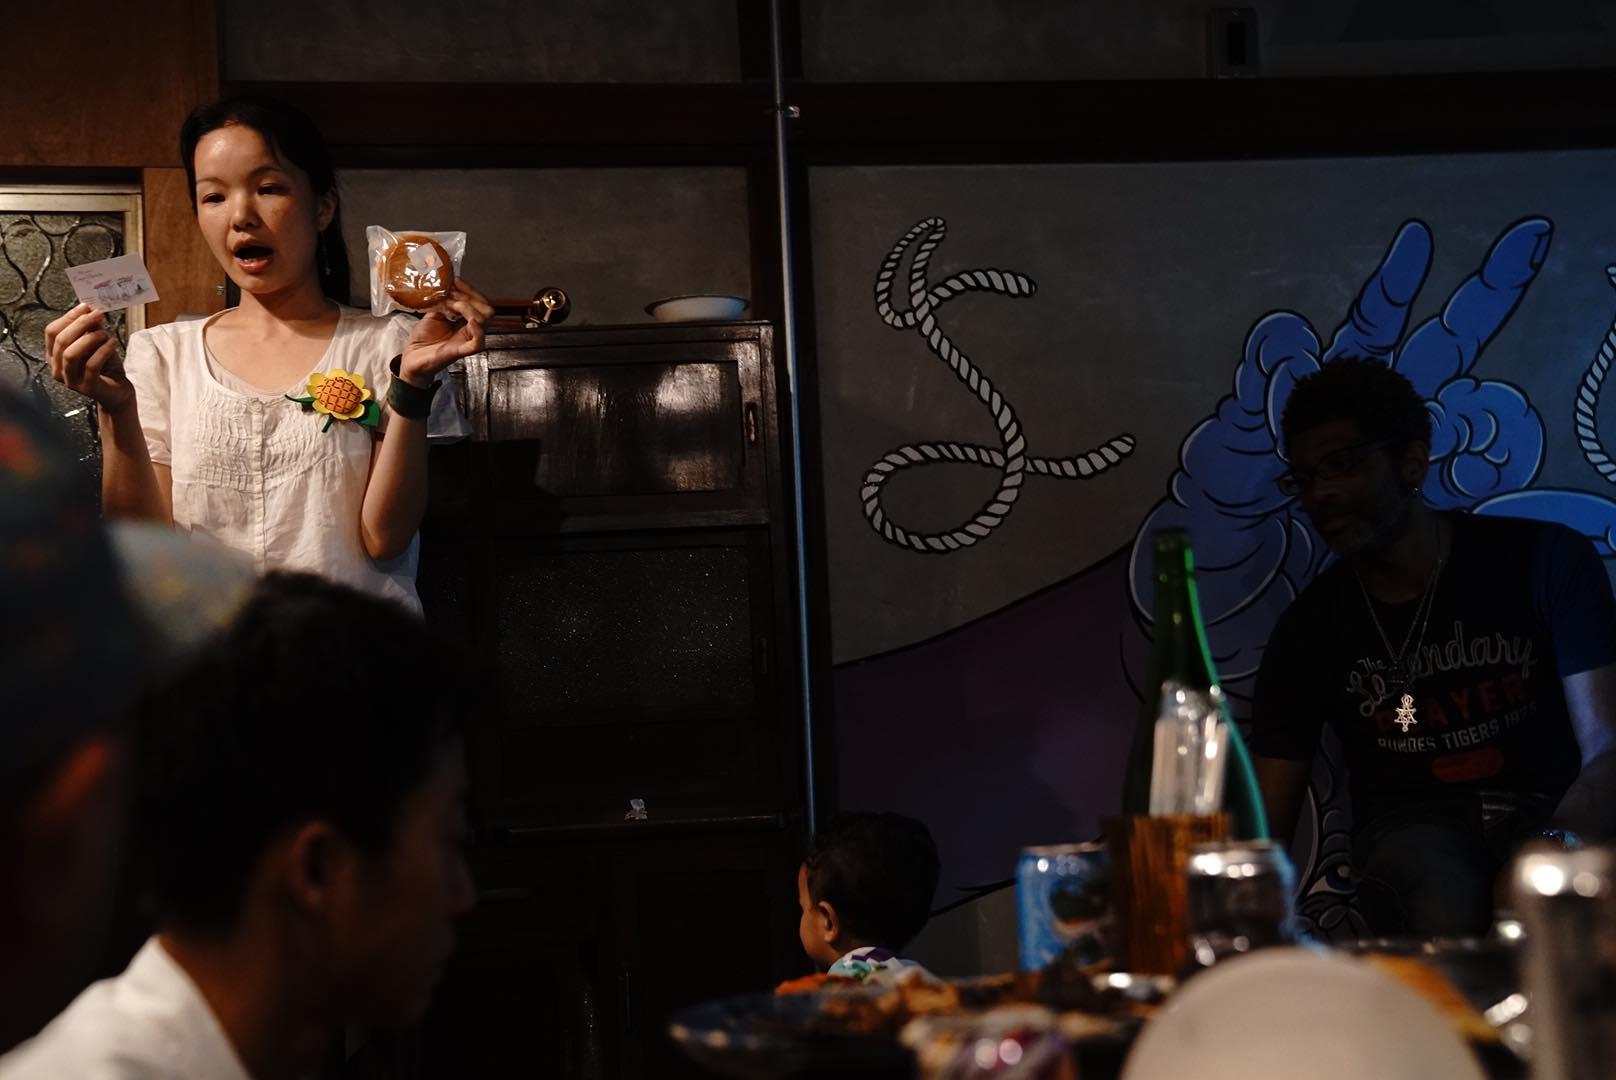 大田区Meetup@YOICHIでのLTコーナーの様子